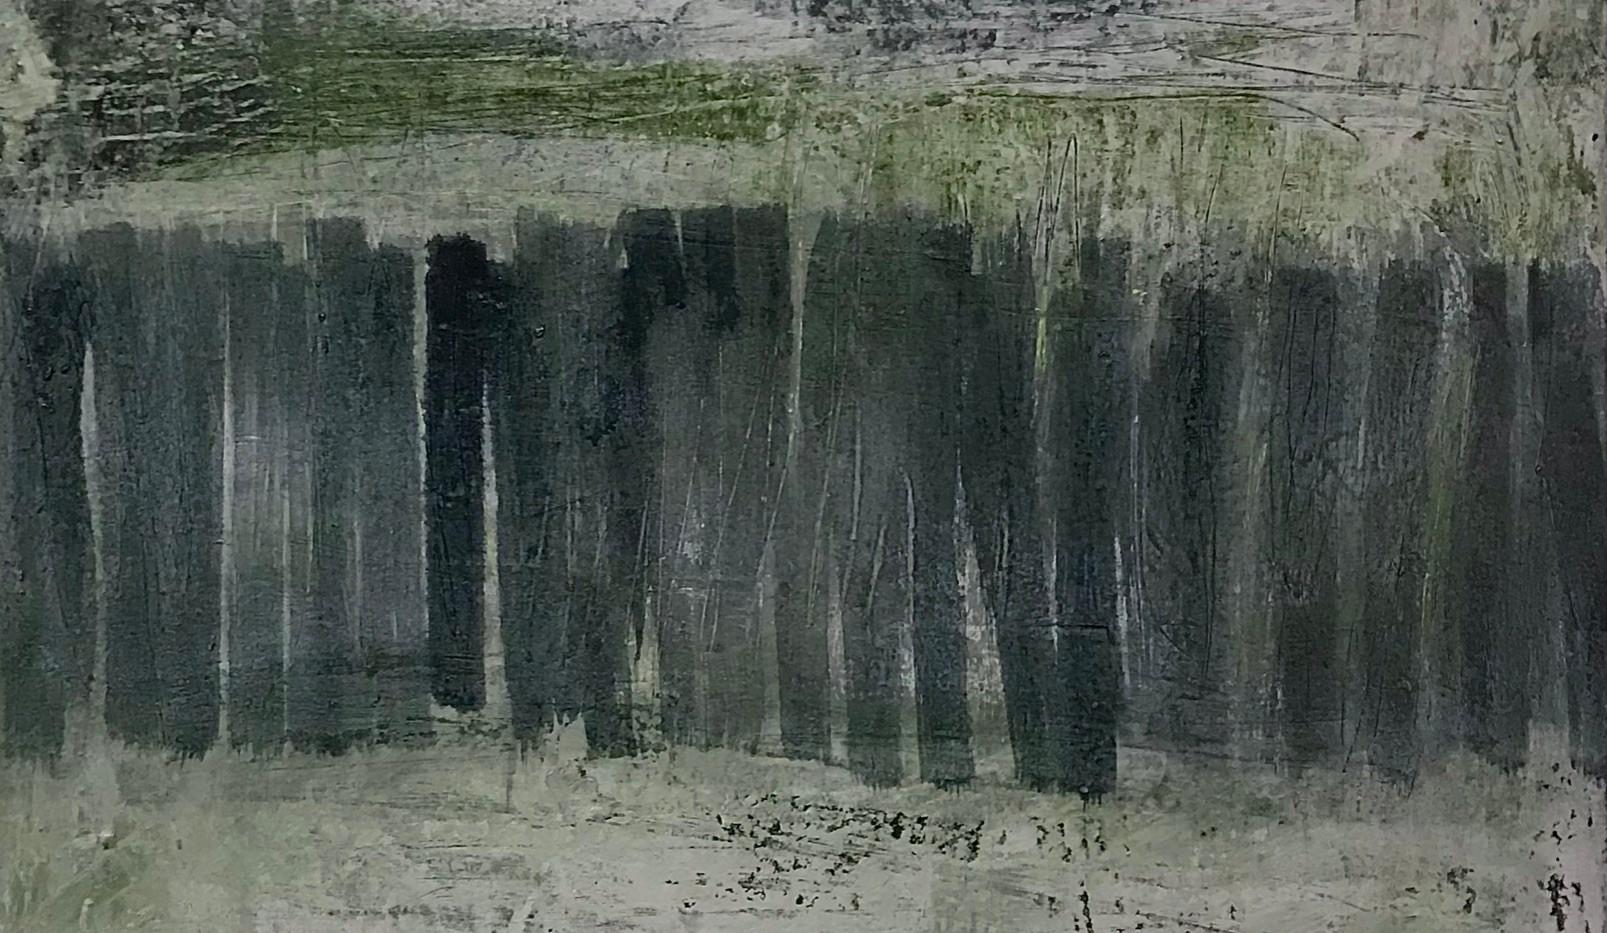 Horitzo num 5 . 65 x 73 cm